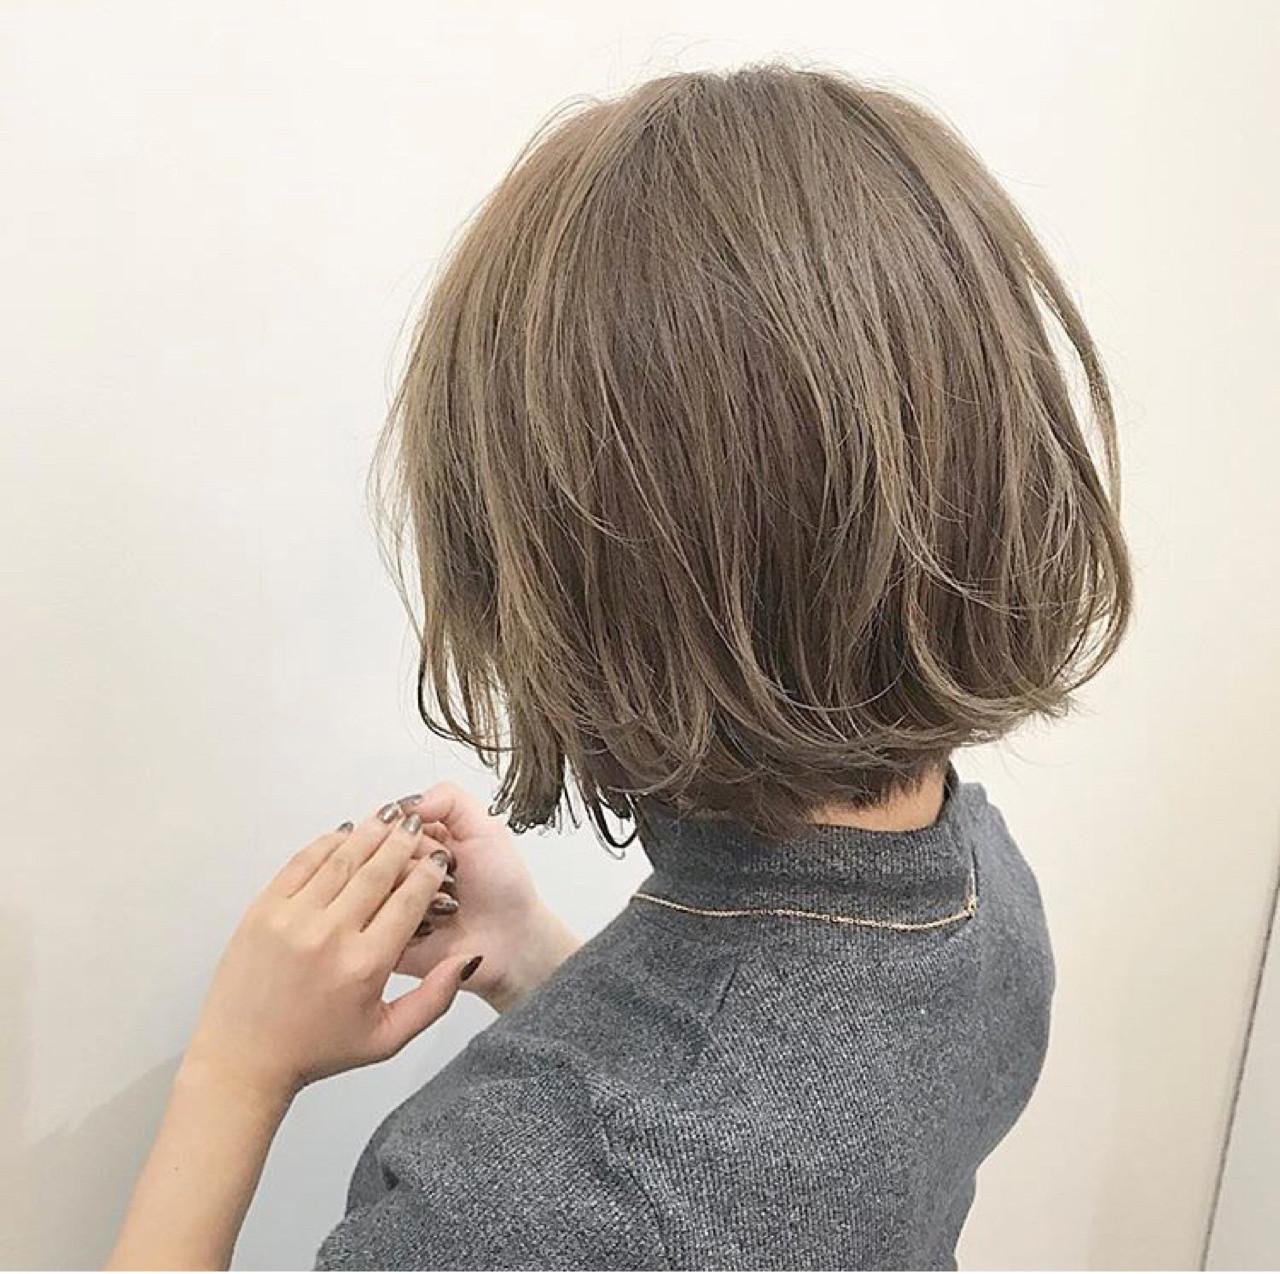 【毛先だけ巻く】がおしゃれヘアのコツ!やり方・アレンジも紹介♡の4枚目の画像